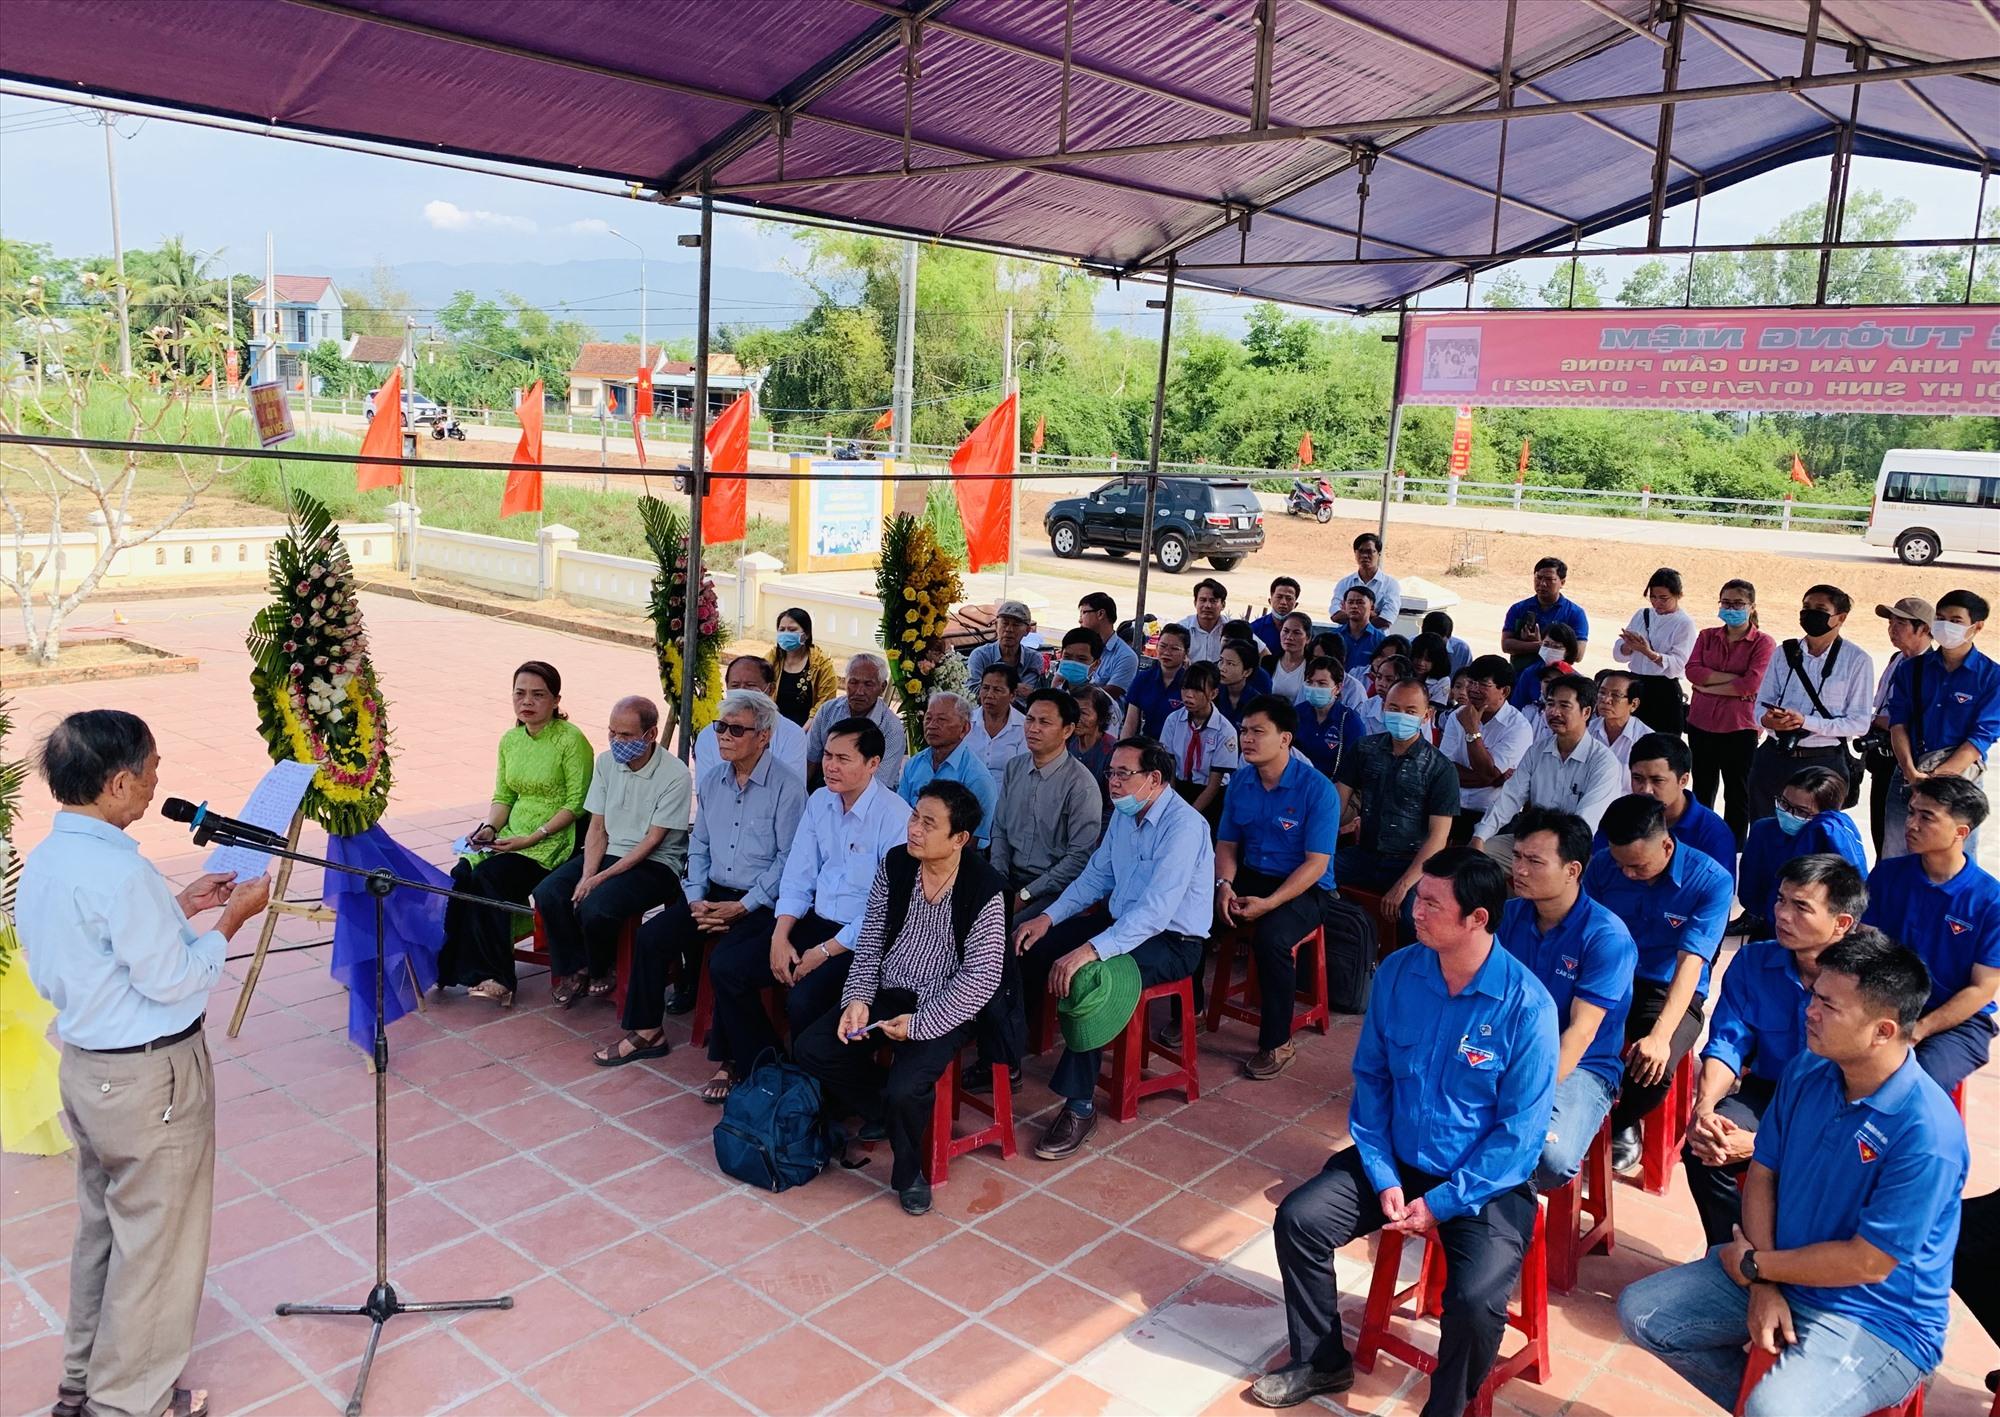 Đông đảo nhà văn, nhà báo ở Quảng Nam, Đà Nẵng và đoàn viên thanh niên tham dự lễ tưởng niệm. Ảnh: T.S